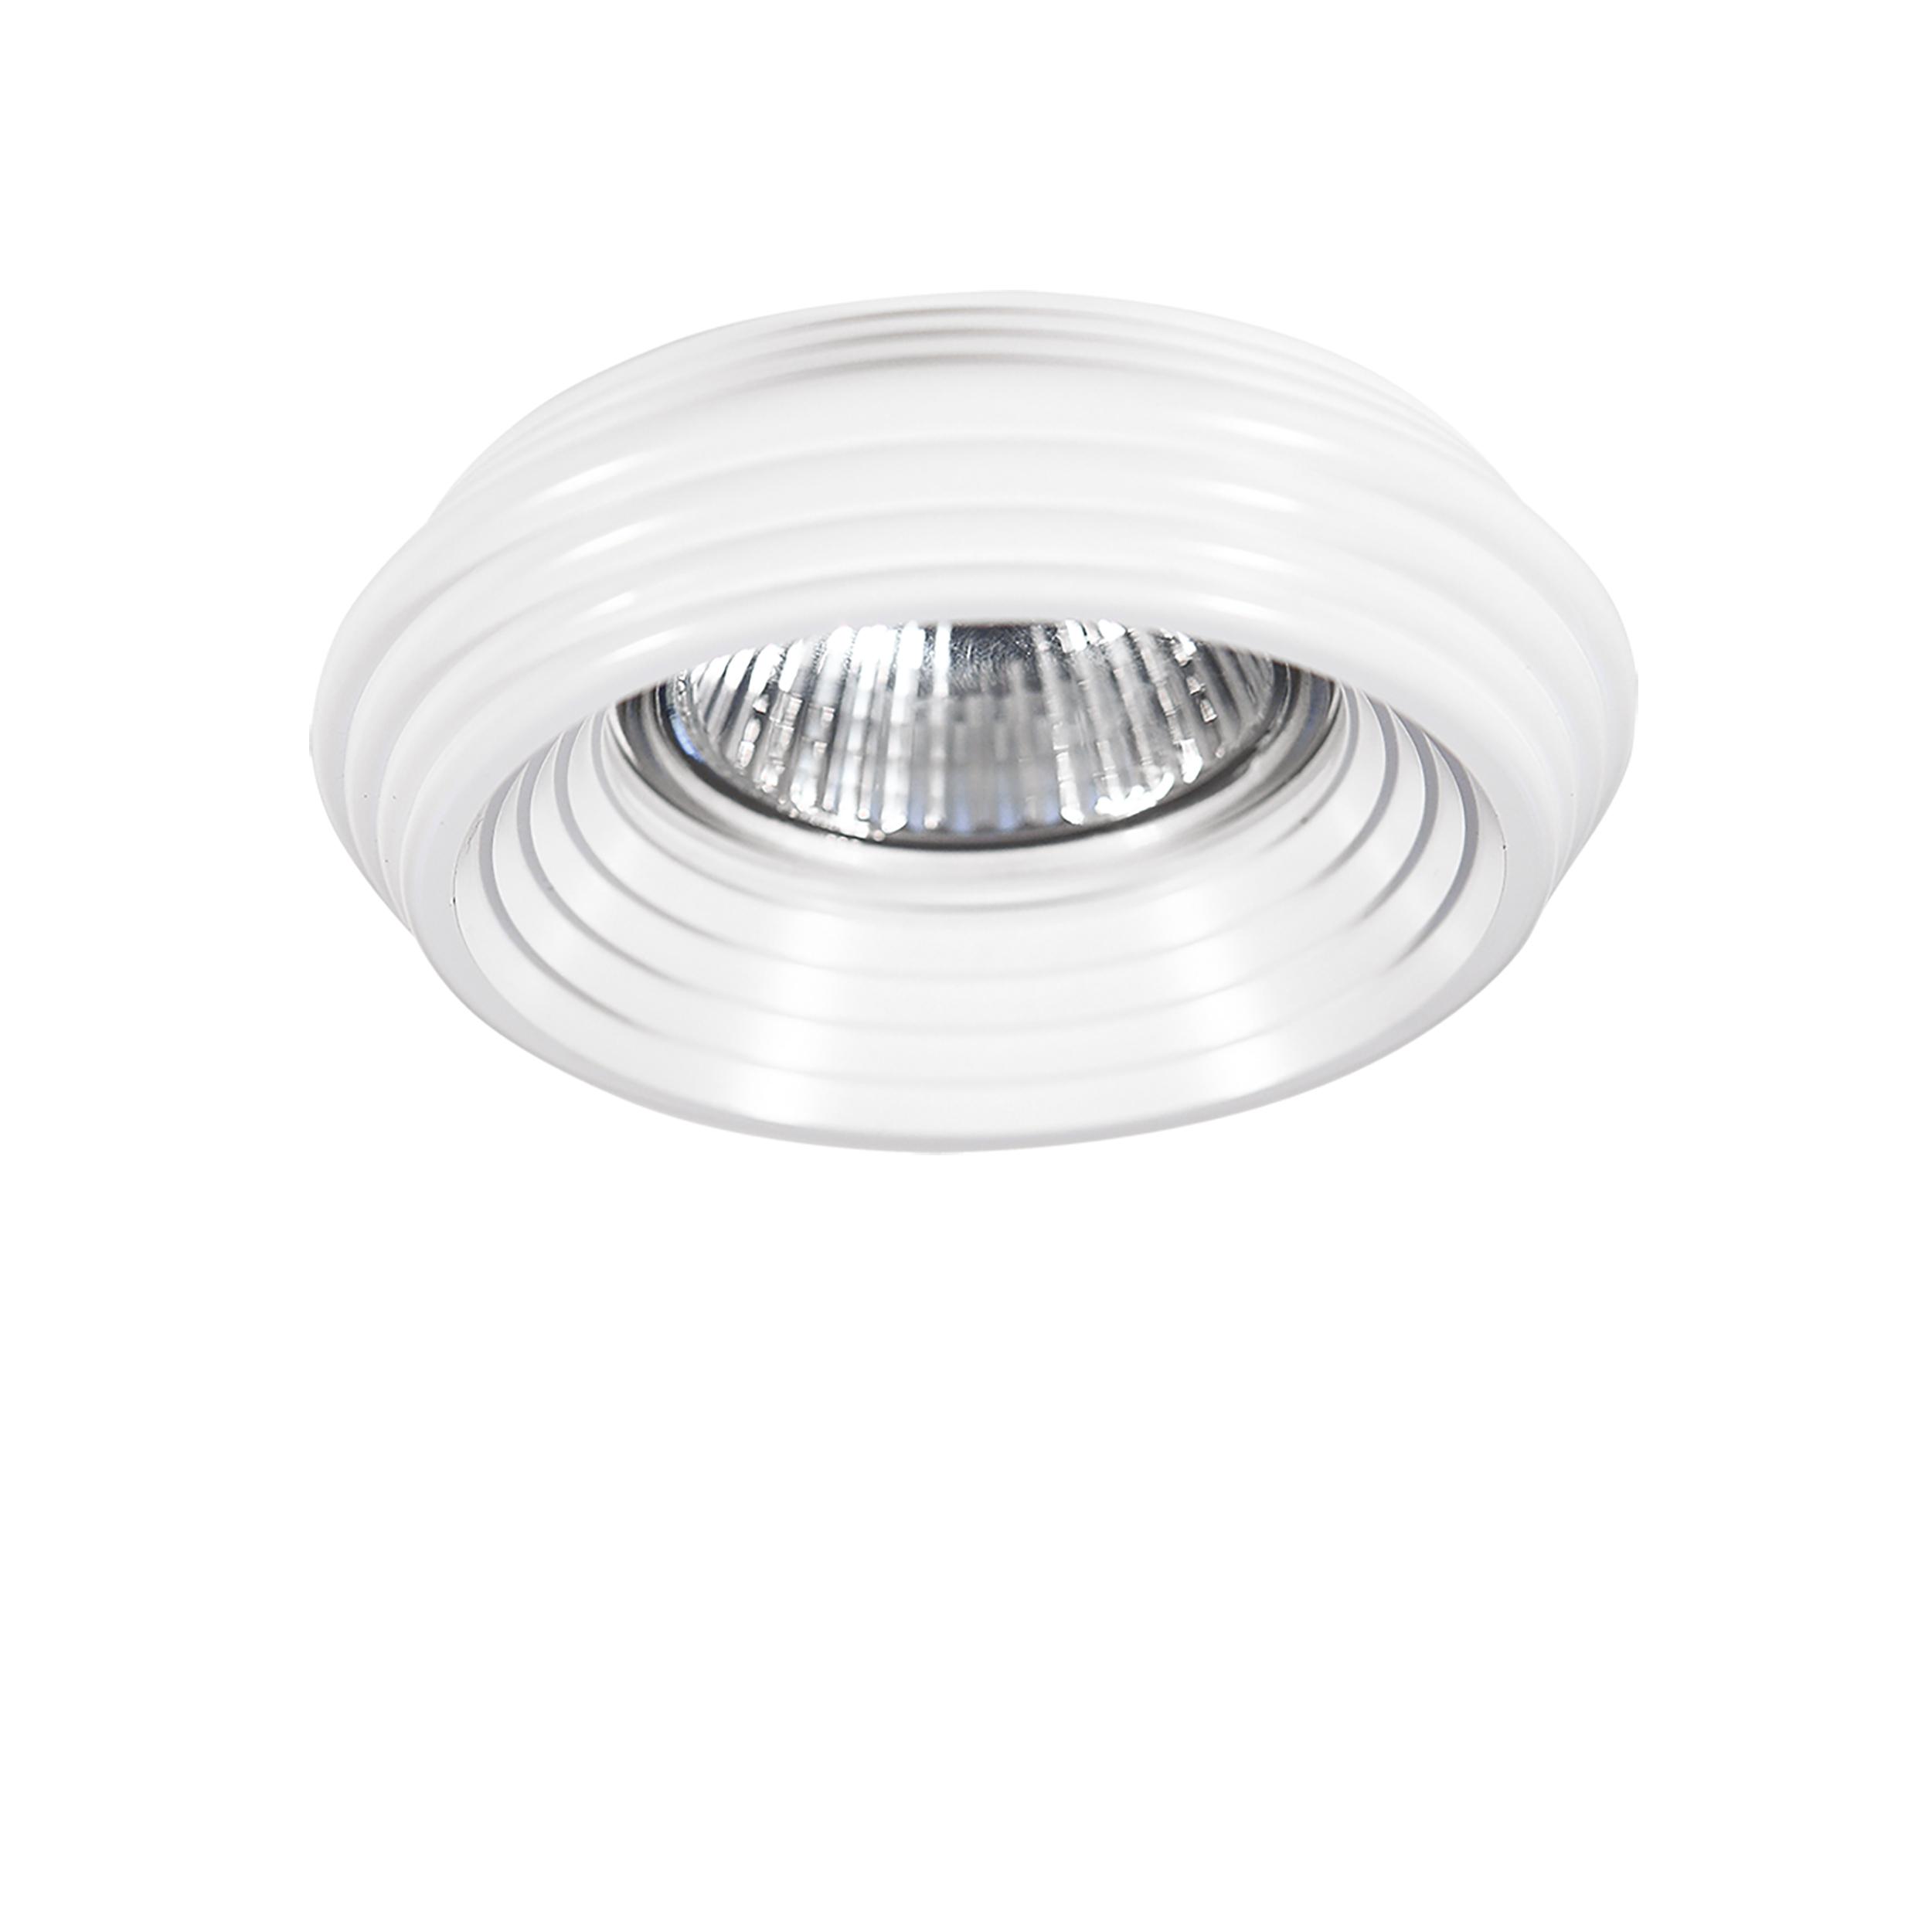 Встраиваемый светильник Lightstar Ringo 011000, 1xGU5.3x50W, белый, металл - фото 1